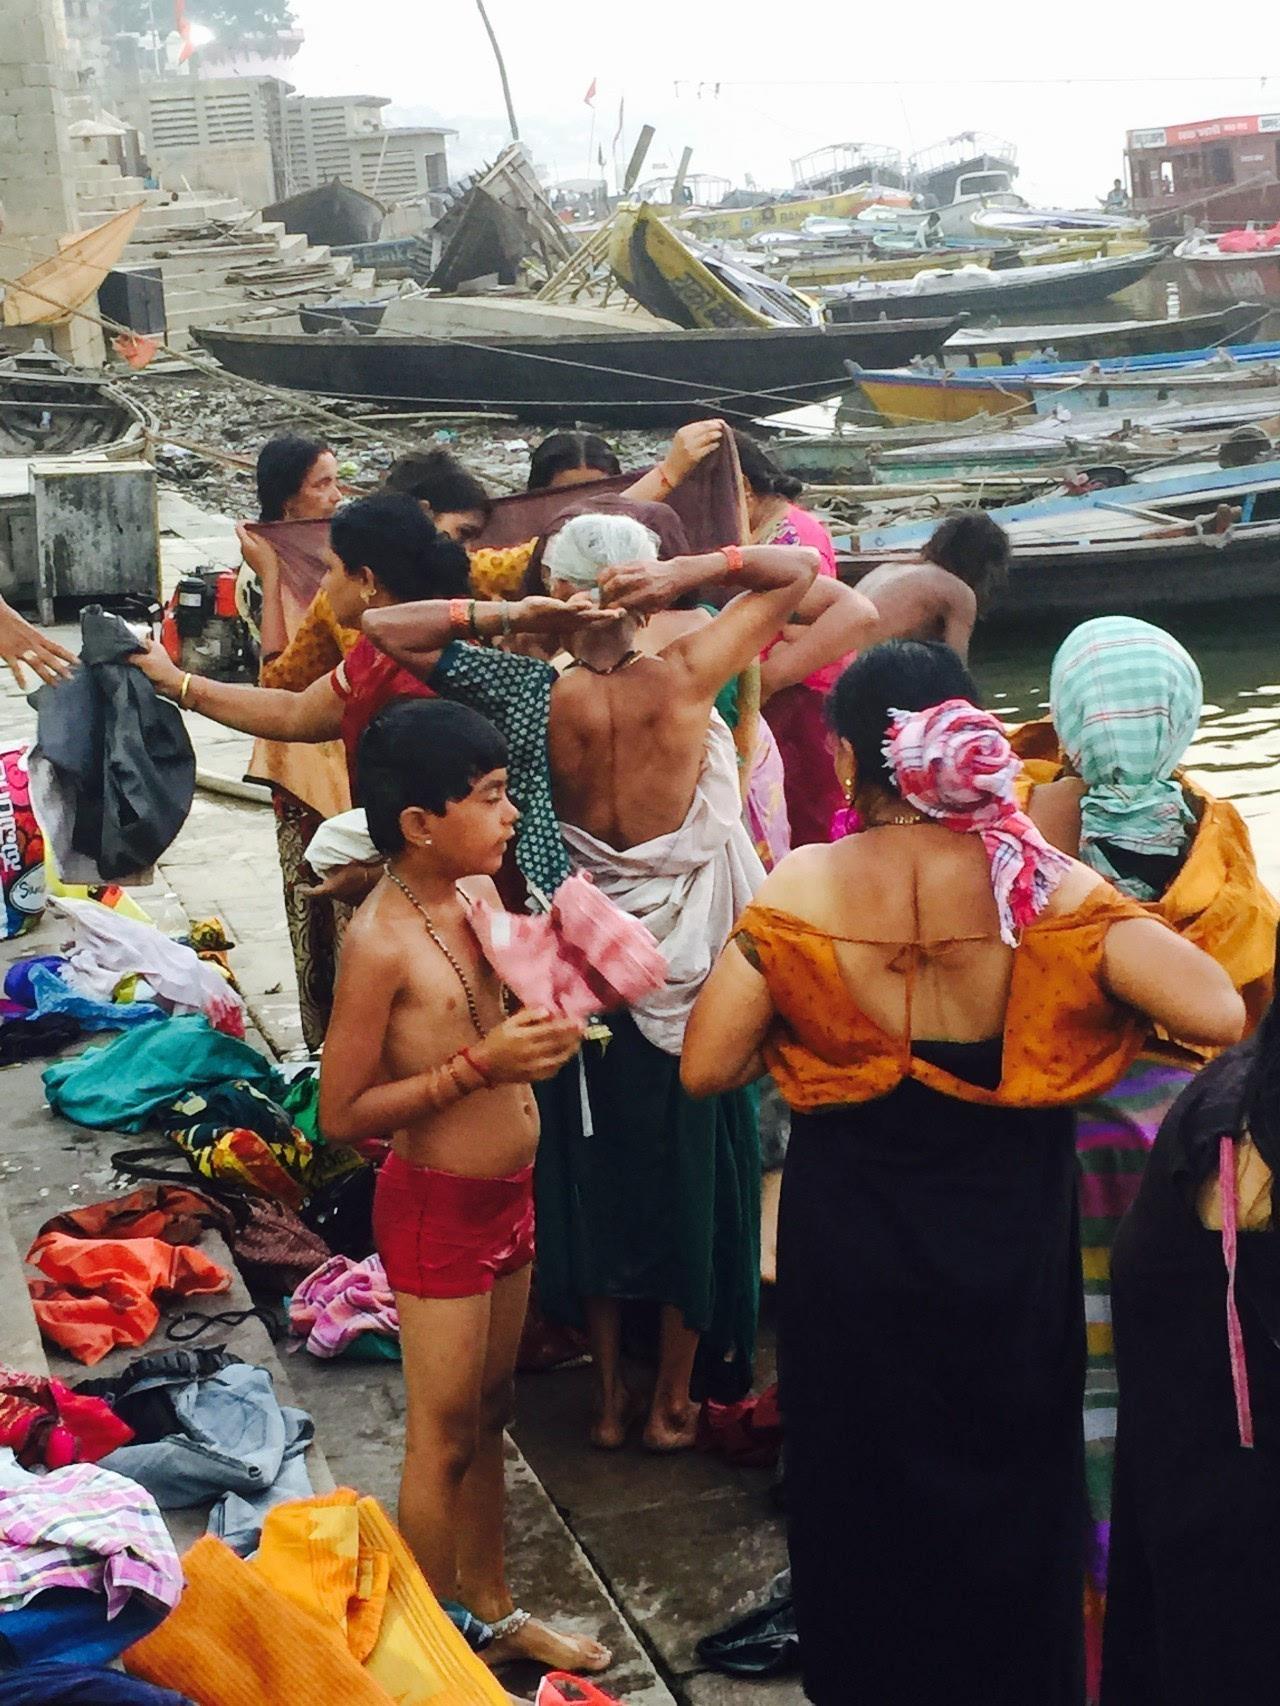 印度教人,一生中至少一次,应该要到瓦拉纳西的恒河洗澡,消除业障图片